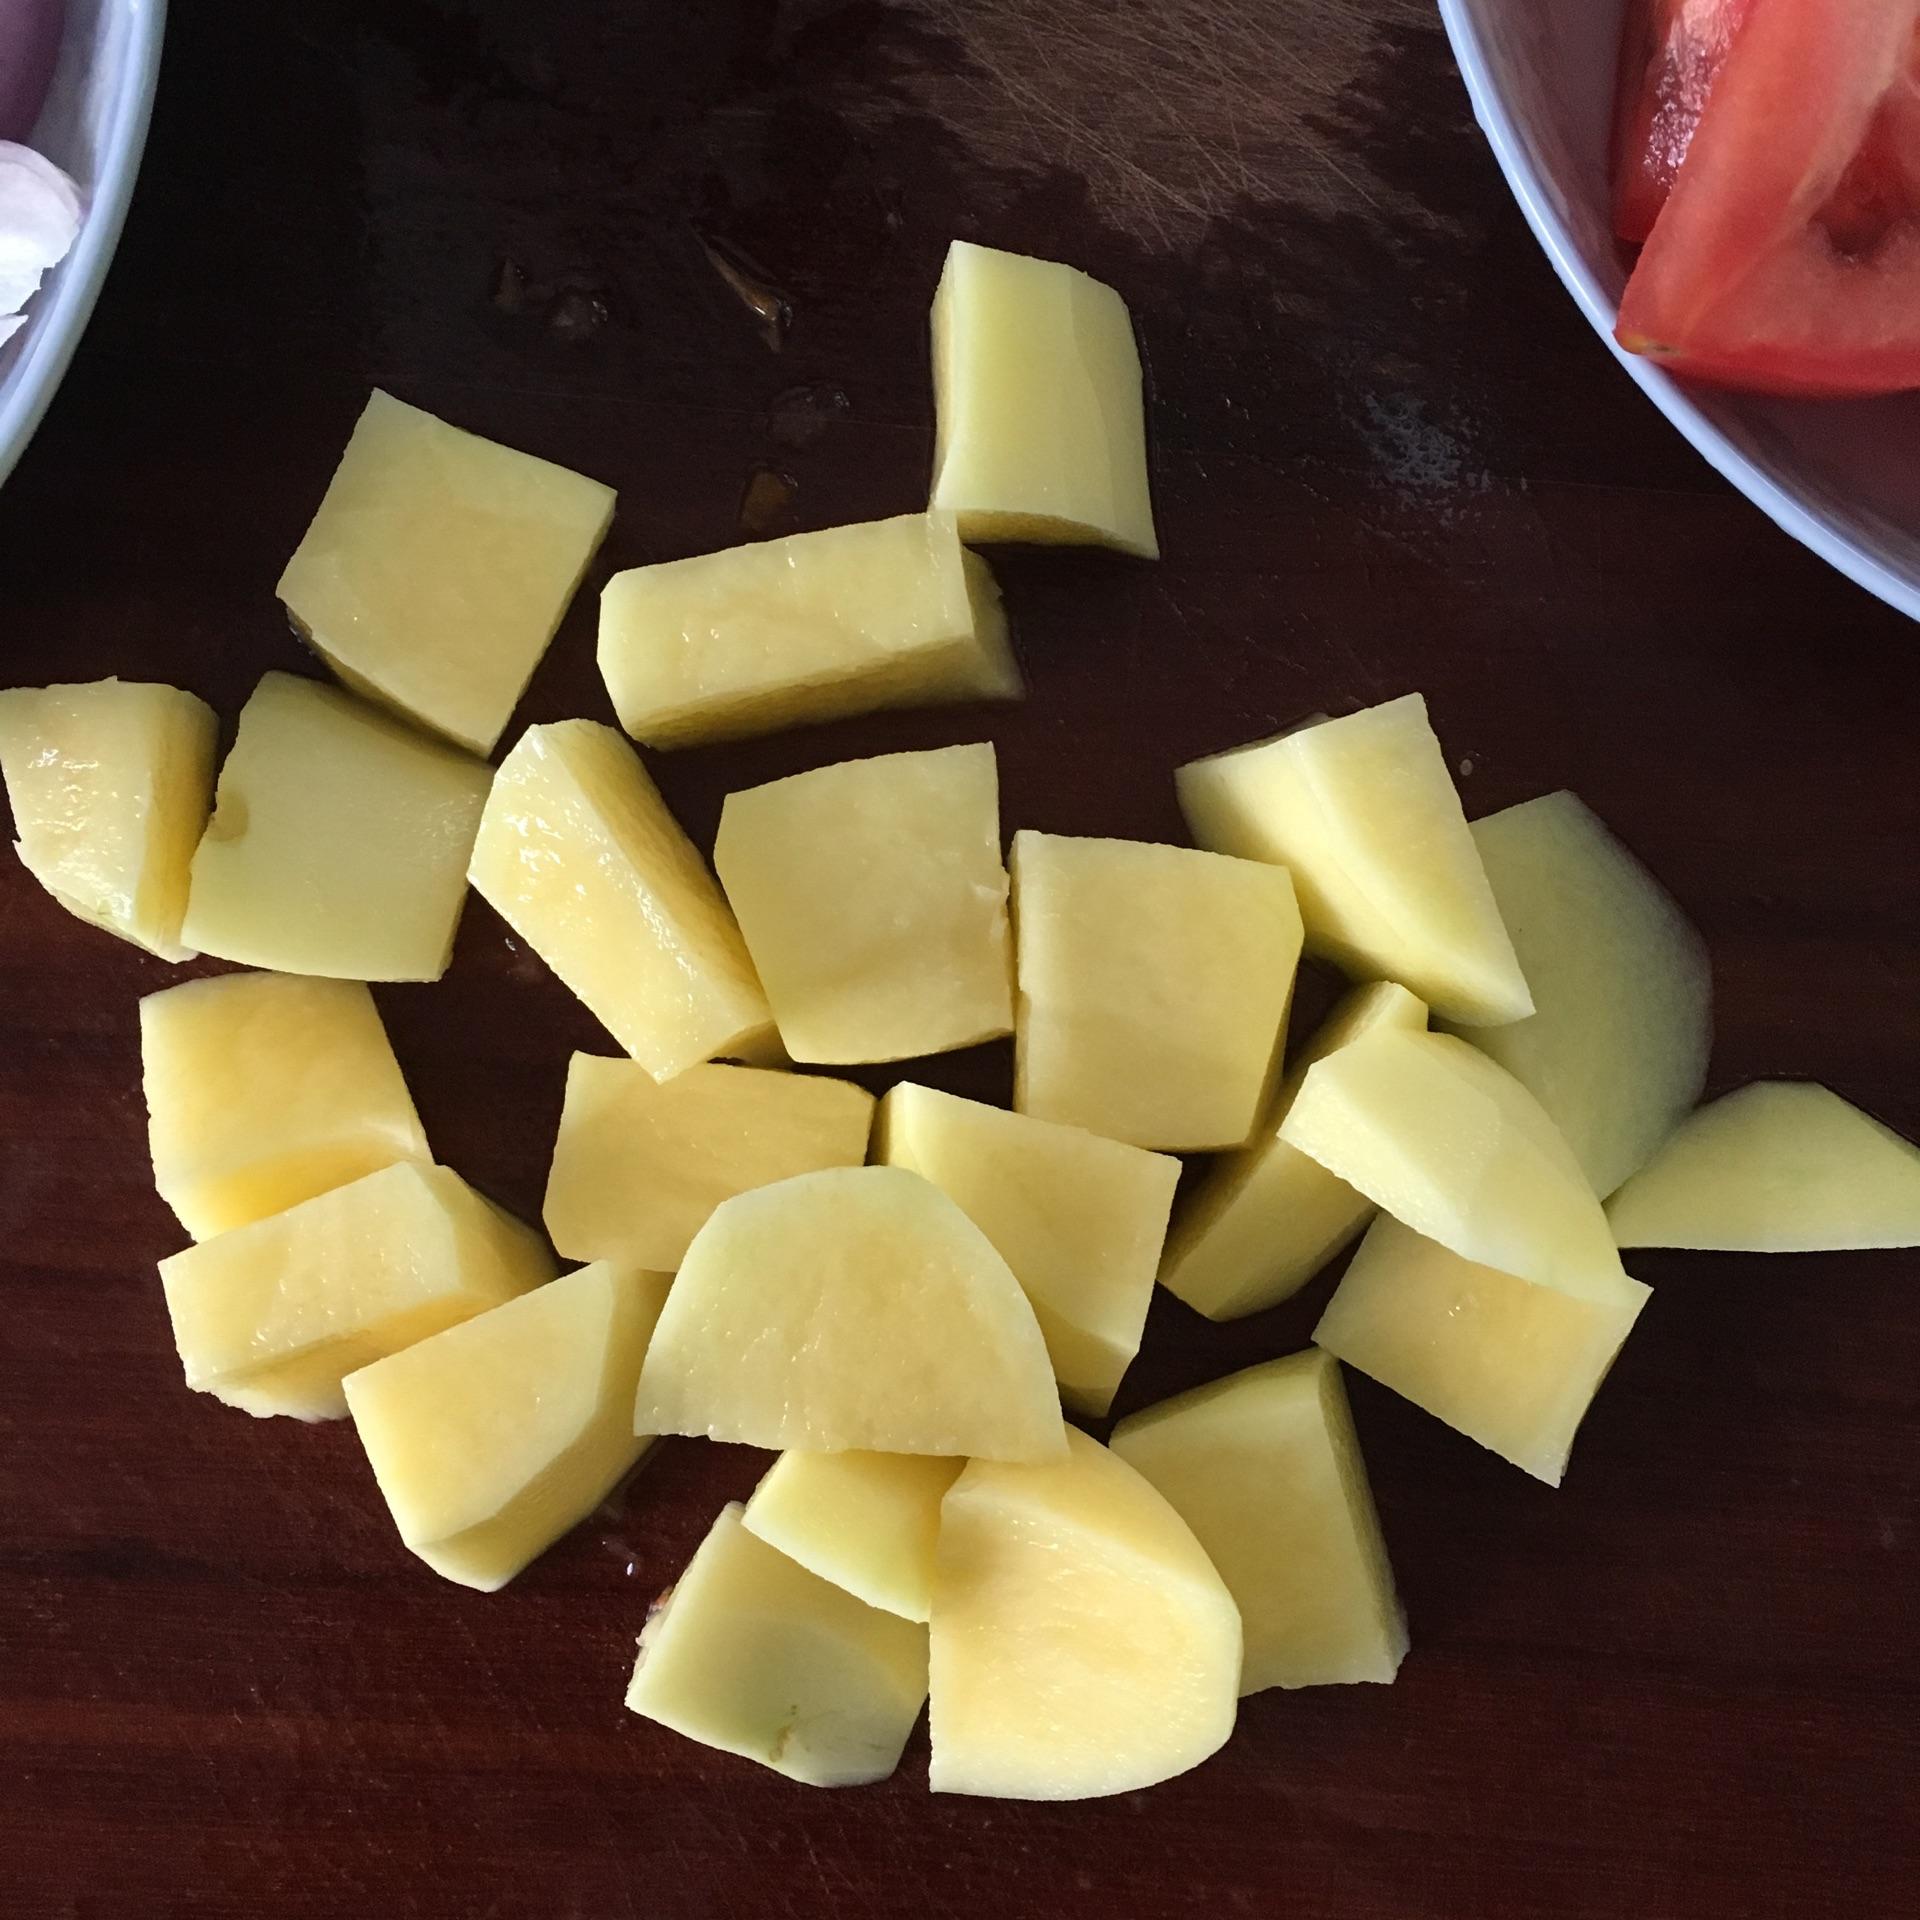 土豆,削皮,切块,备用